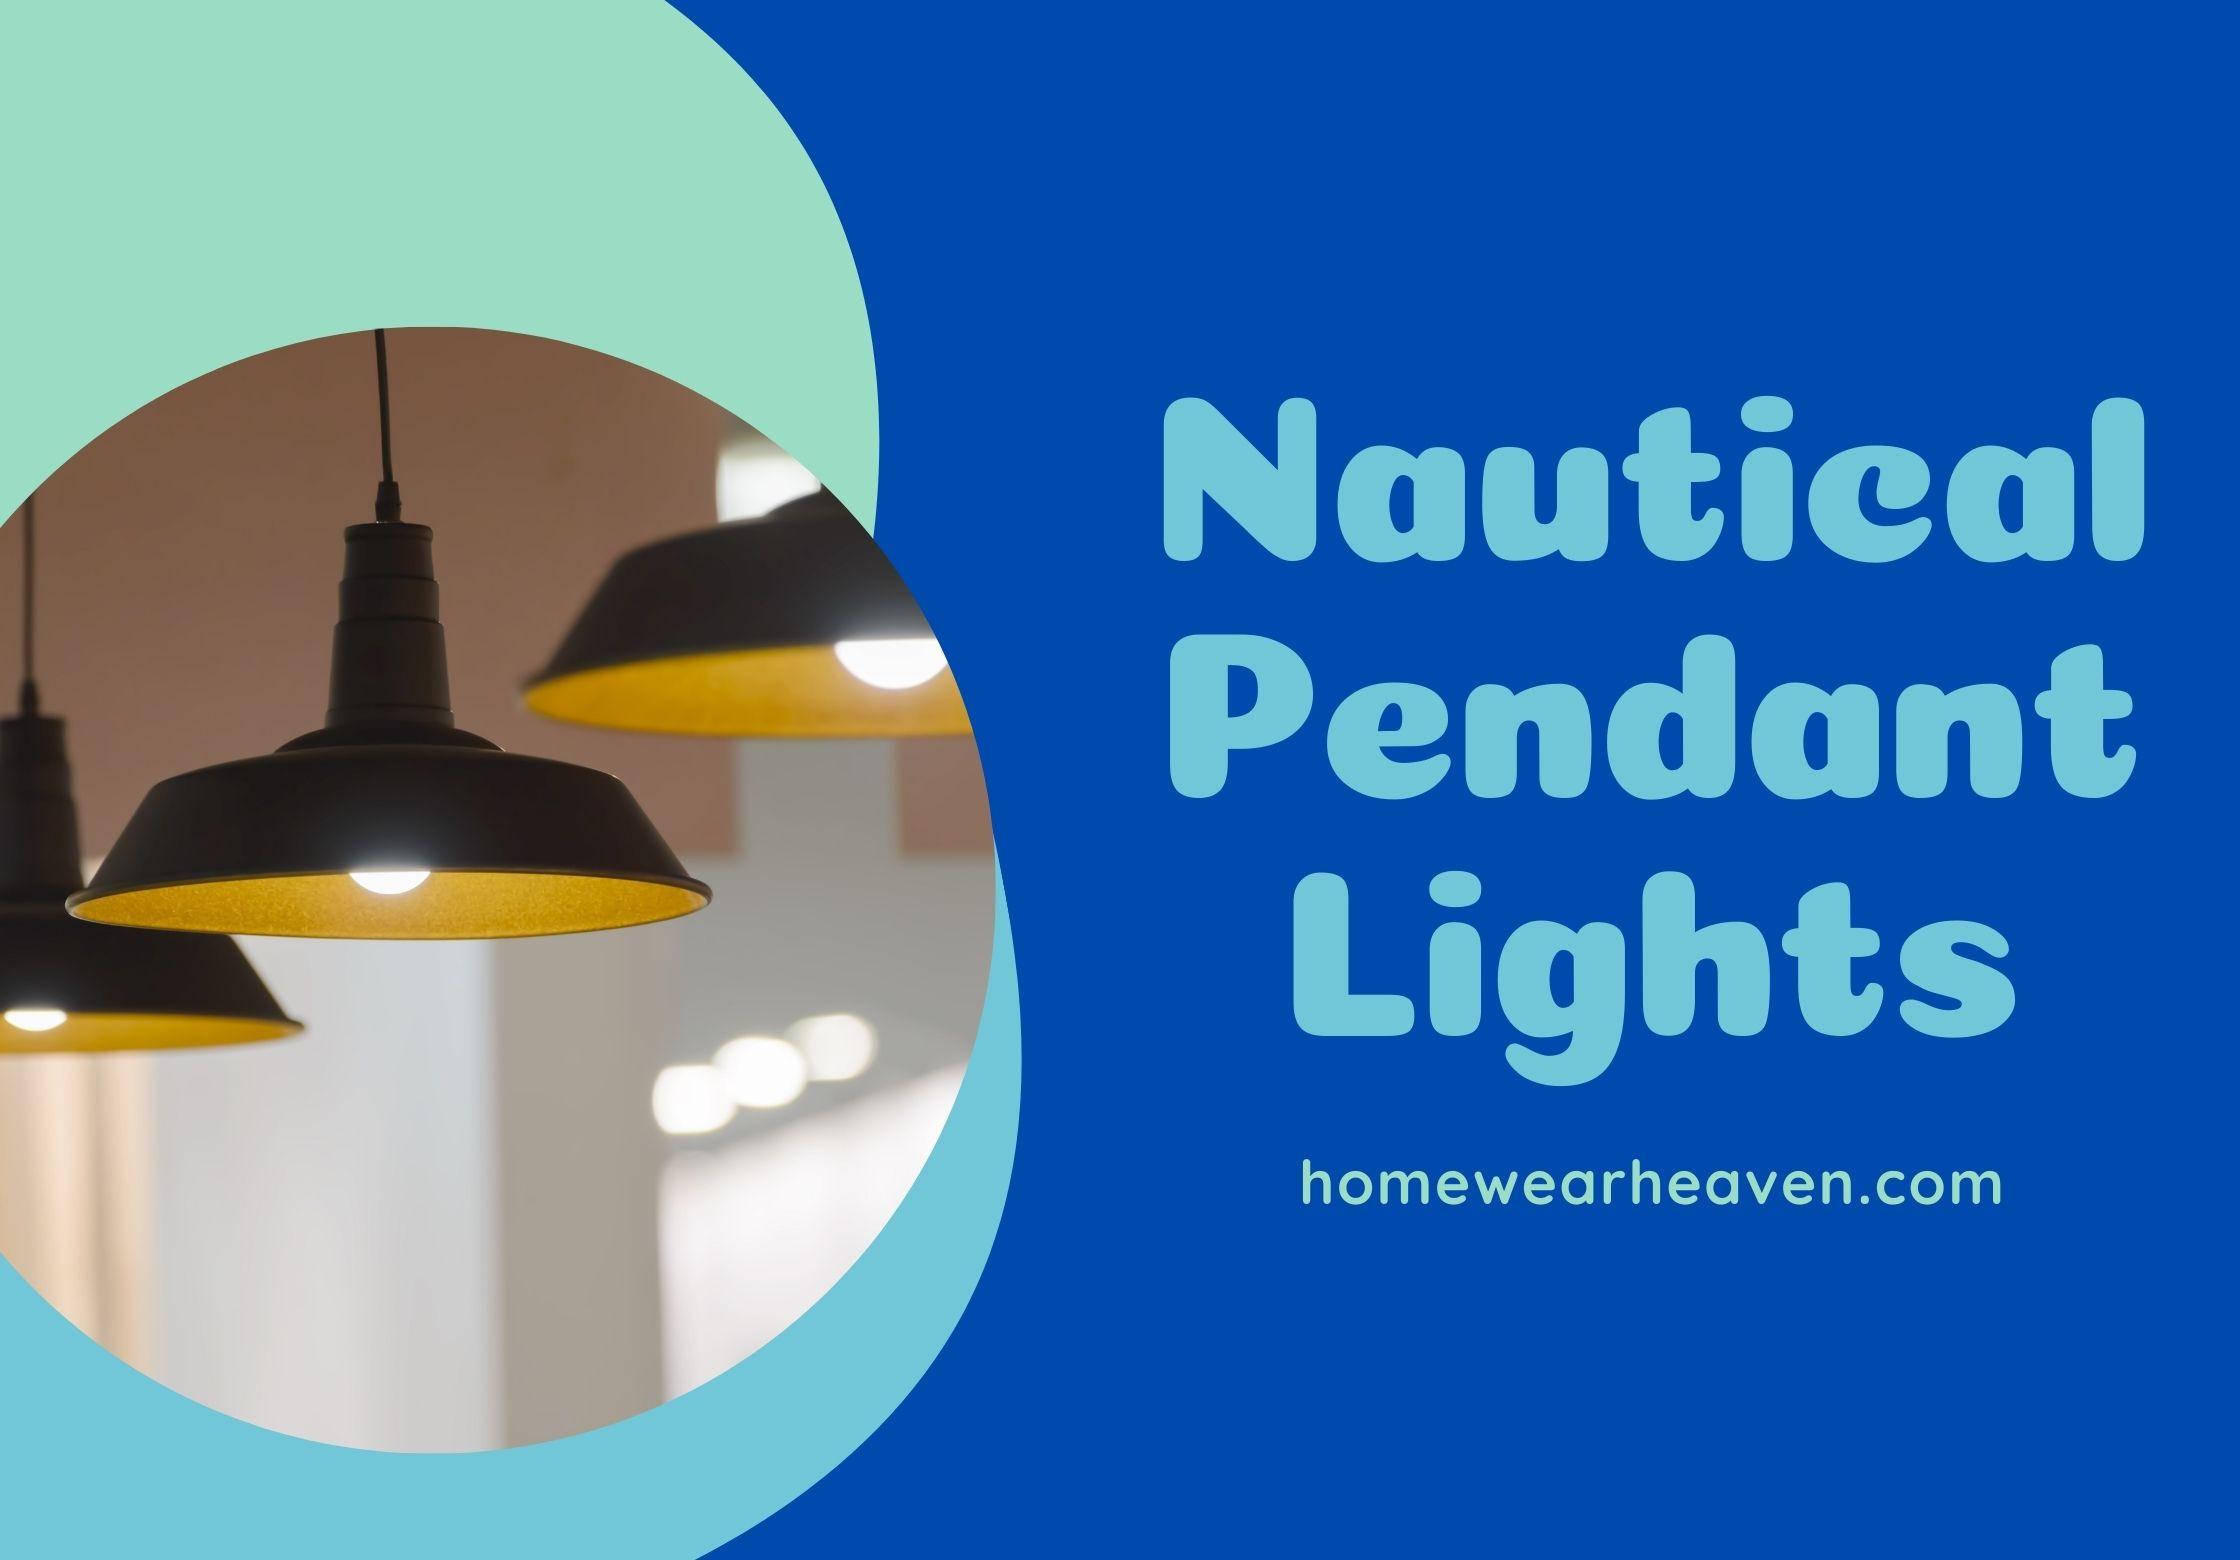 Top 10 Best Nautical Pendant Lights in 2021